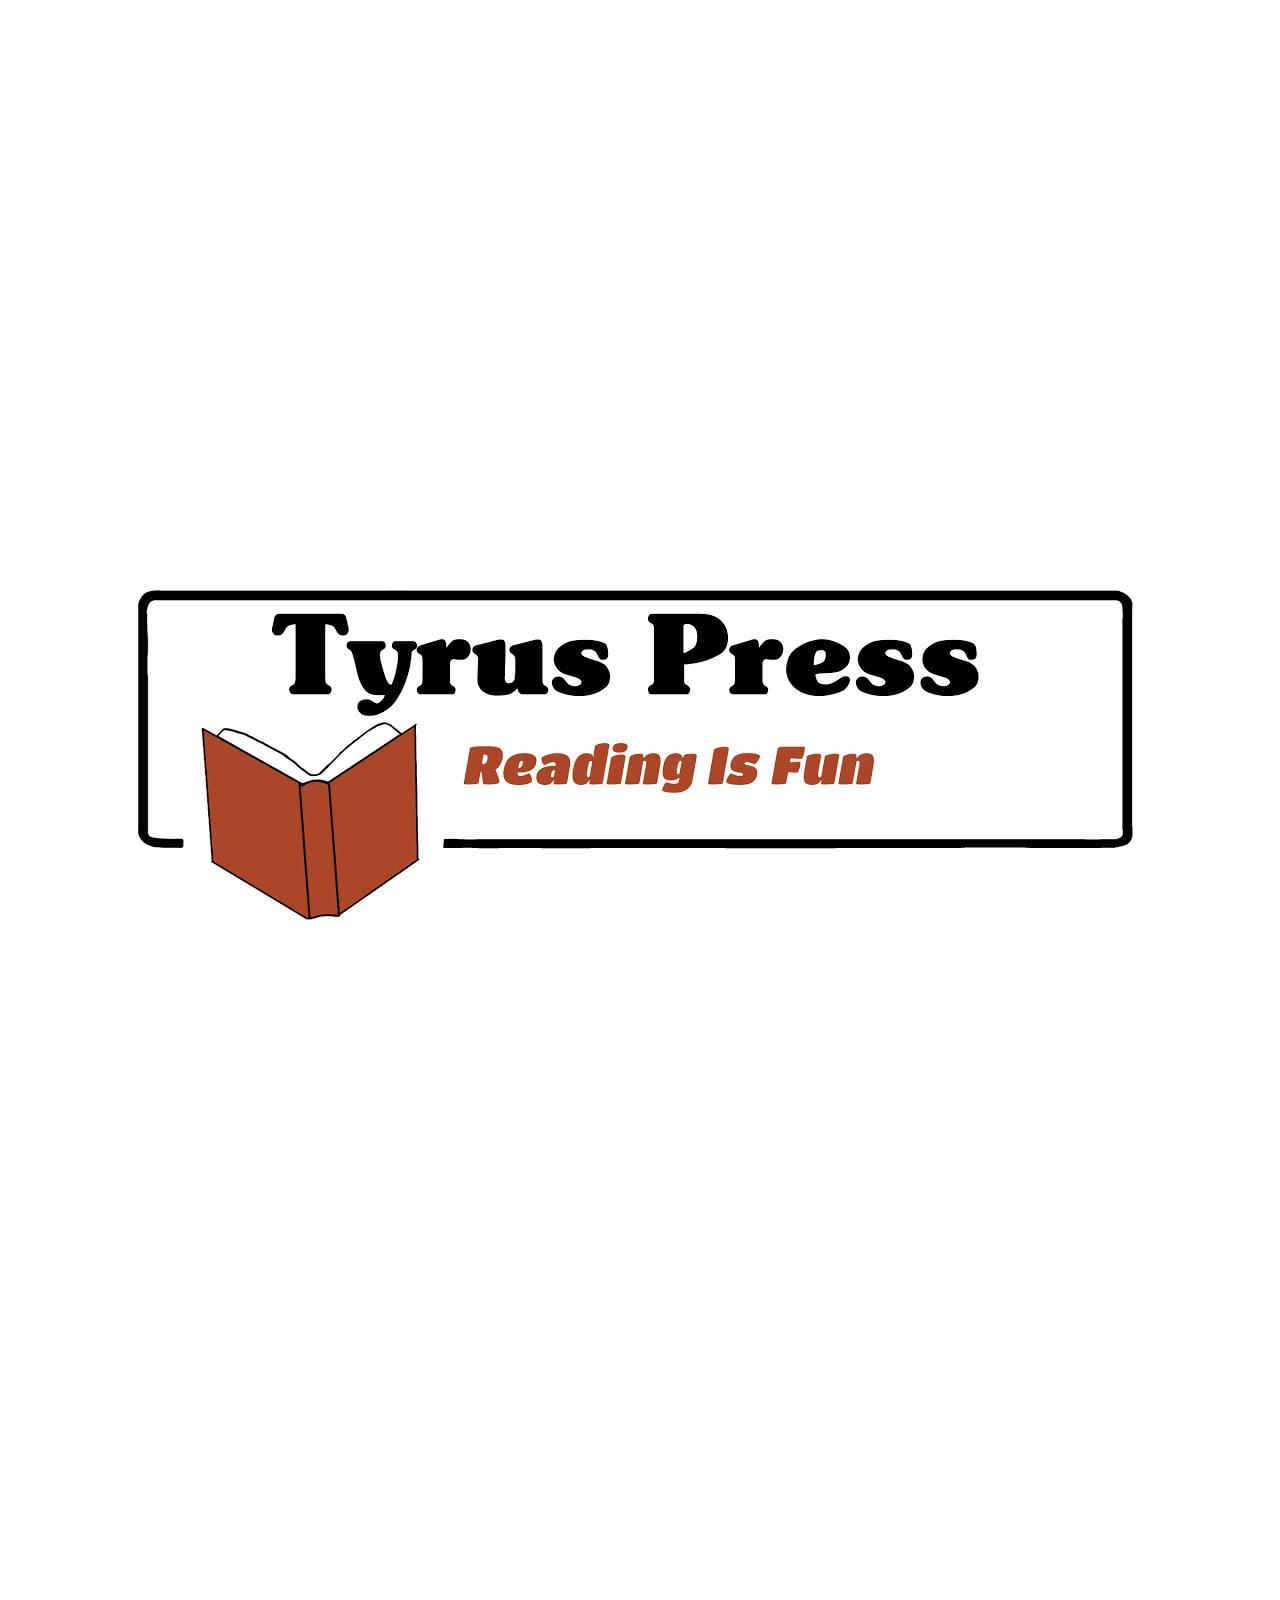 TYRUS PRESS